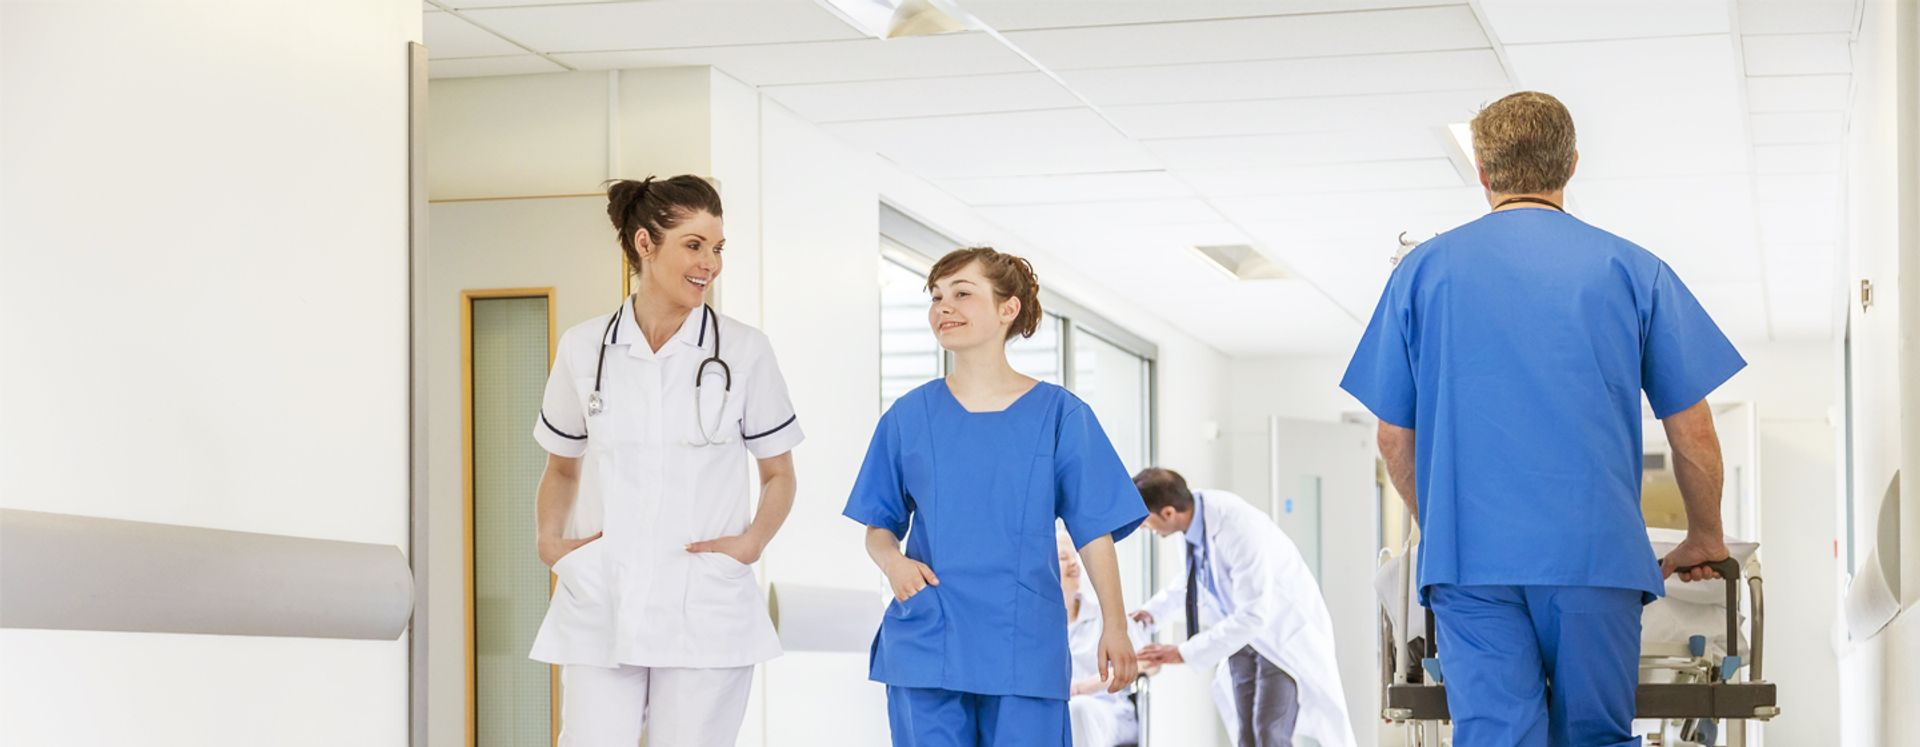 Ongedierte in ziekenhuizen voorkomen en bestrijden